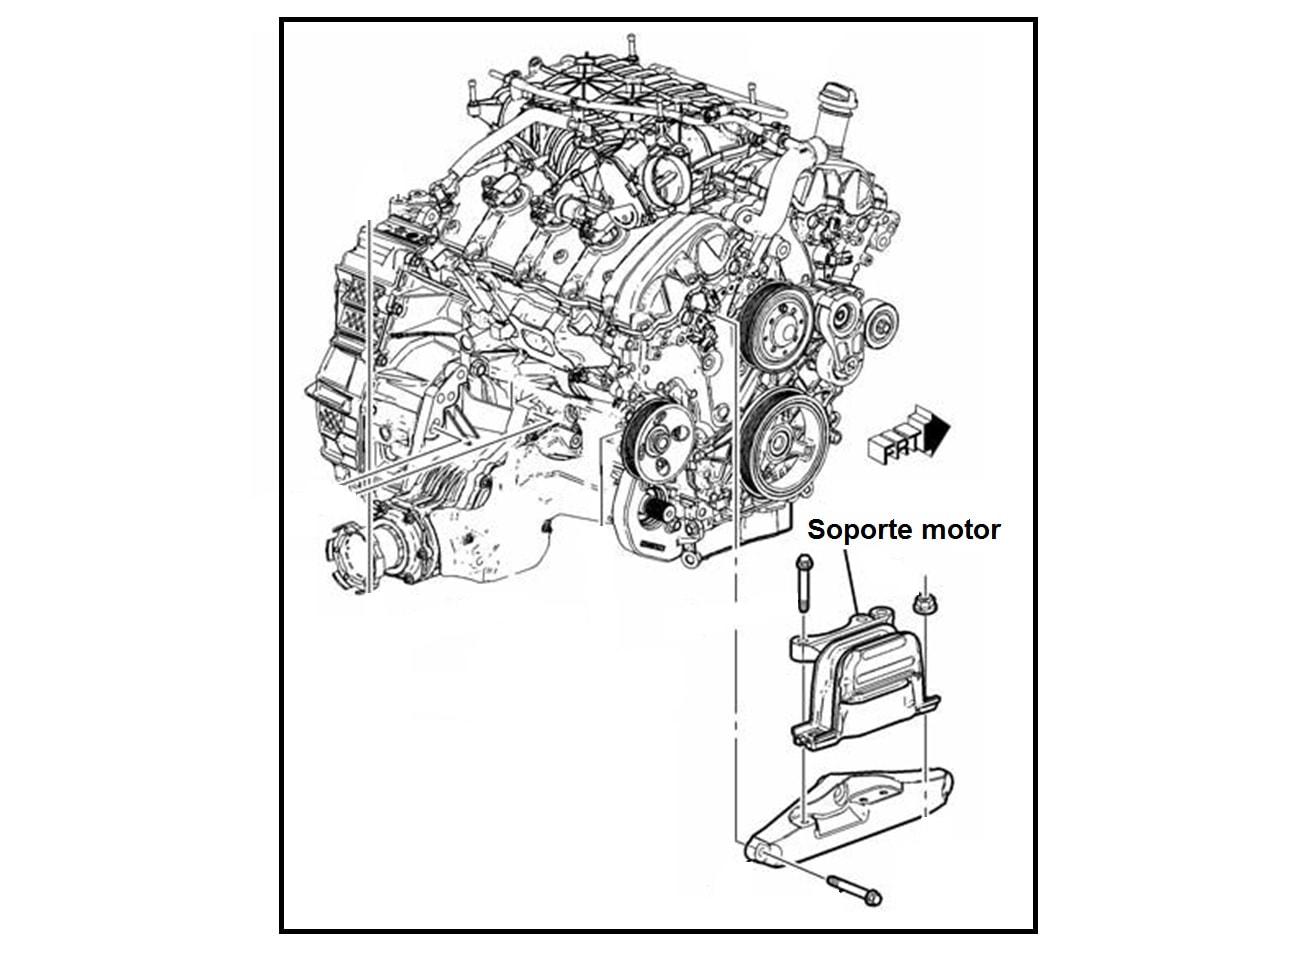 Soporte Motor Delantero Derecho Chevrolet Captiva 3 0 3 6